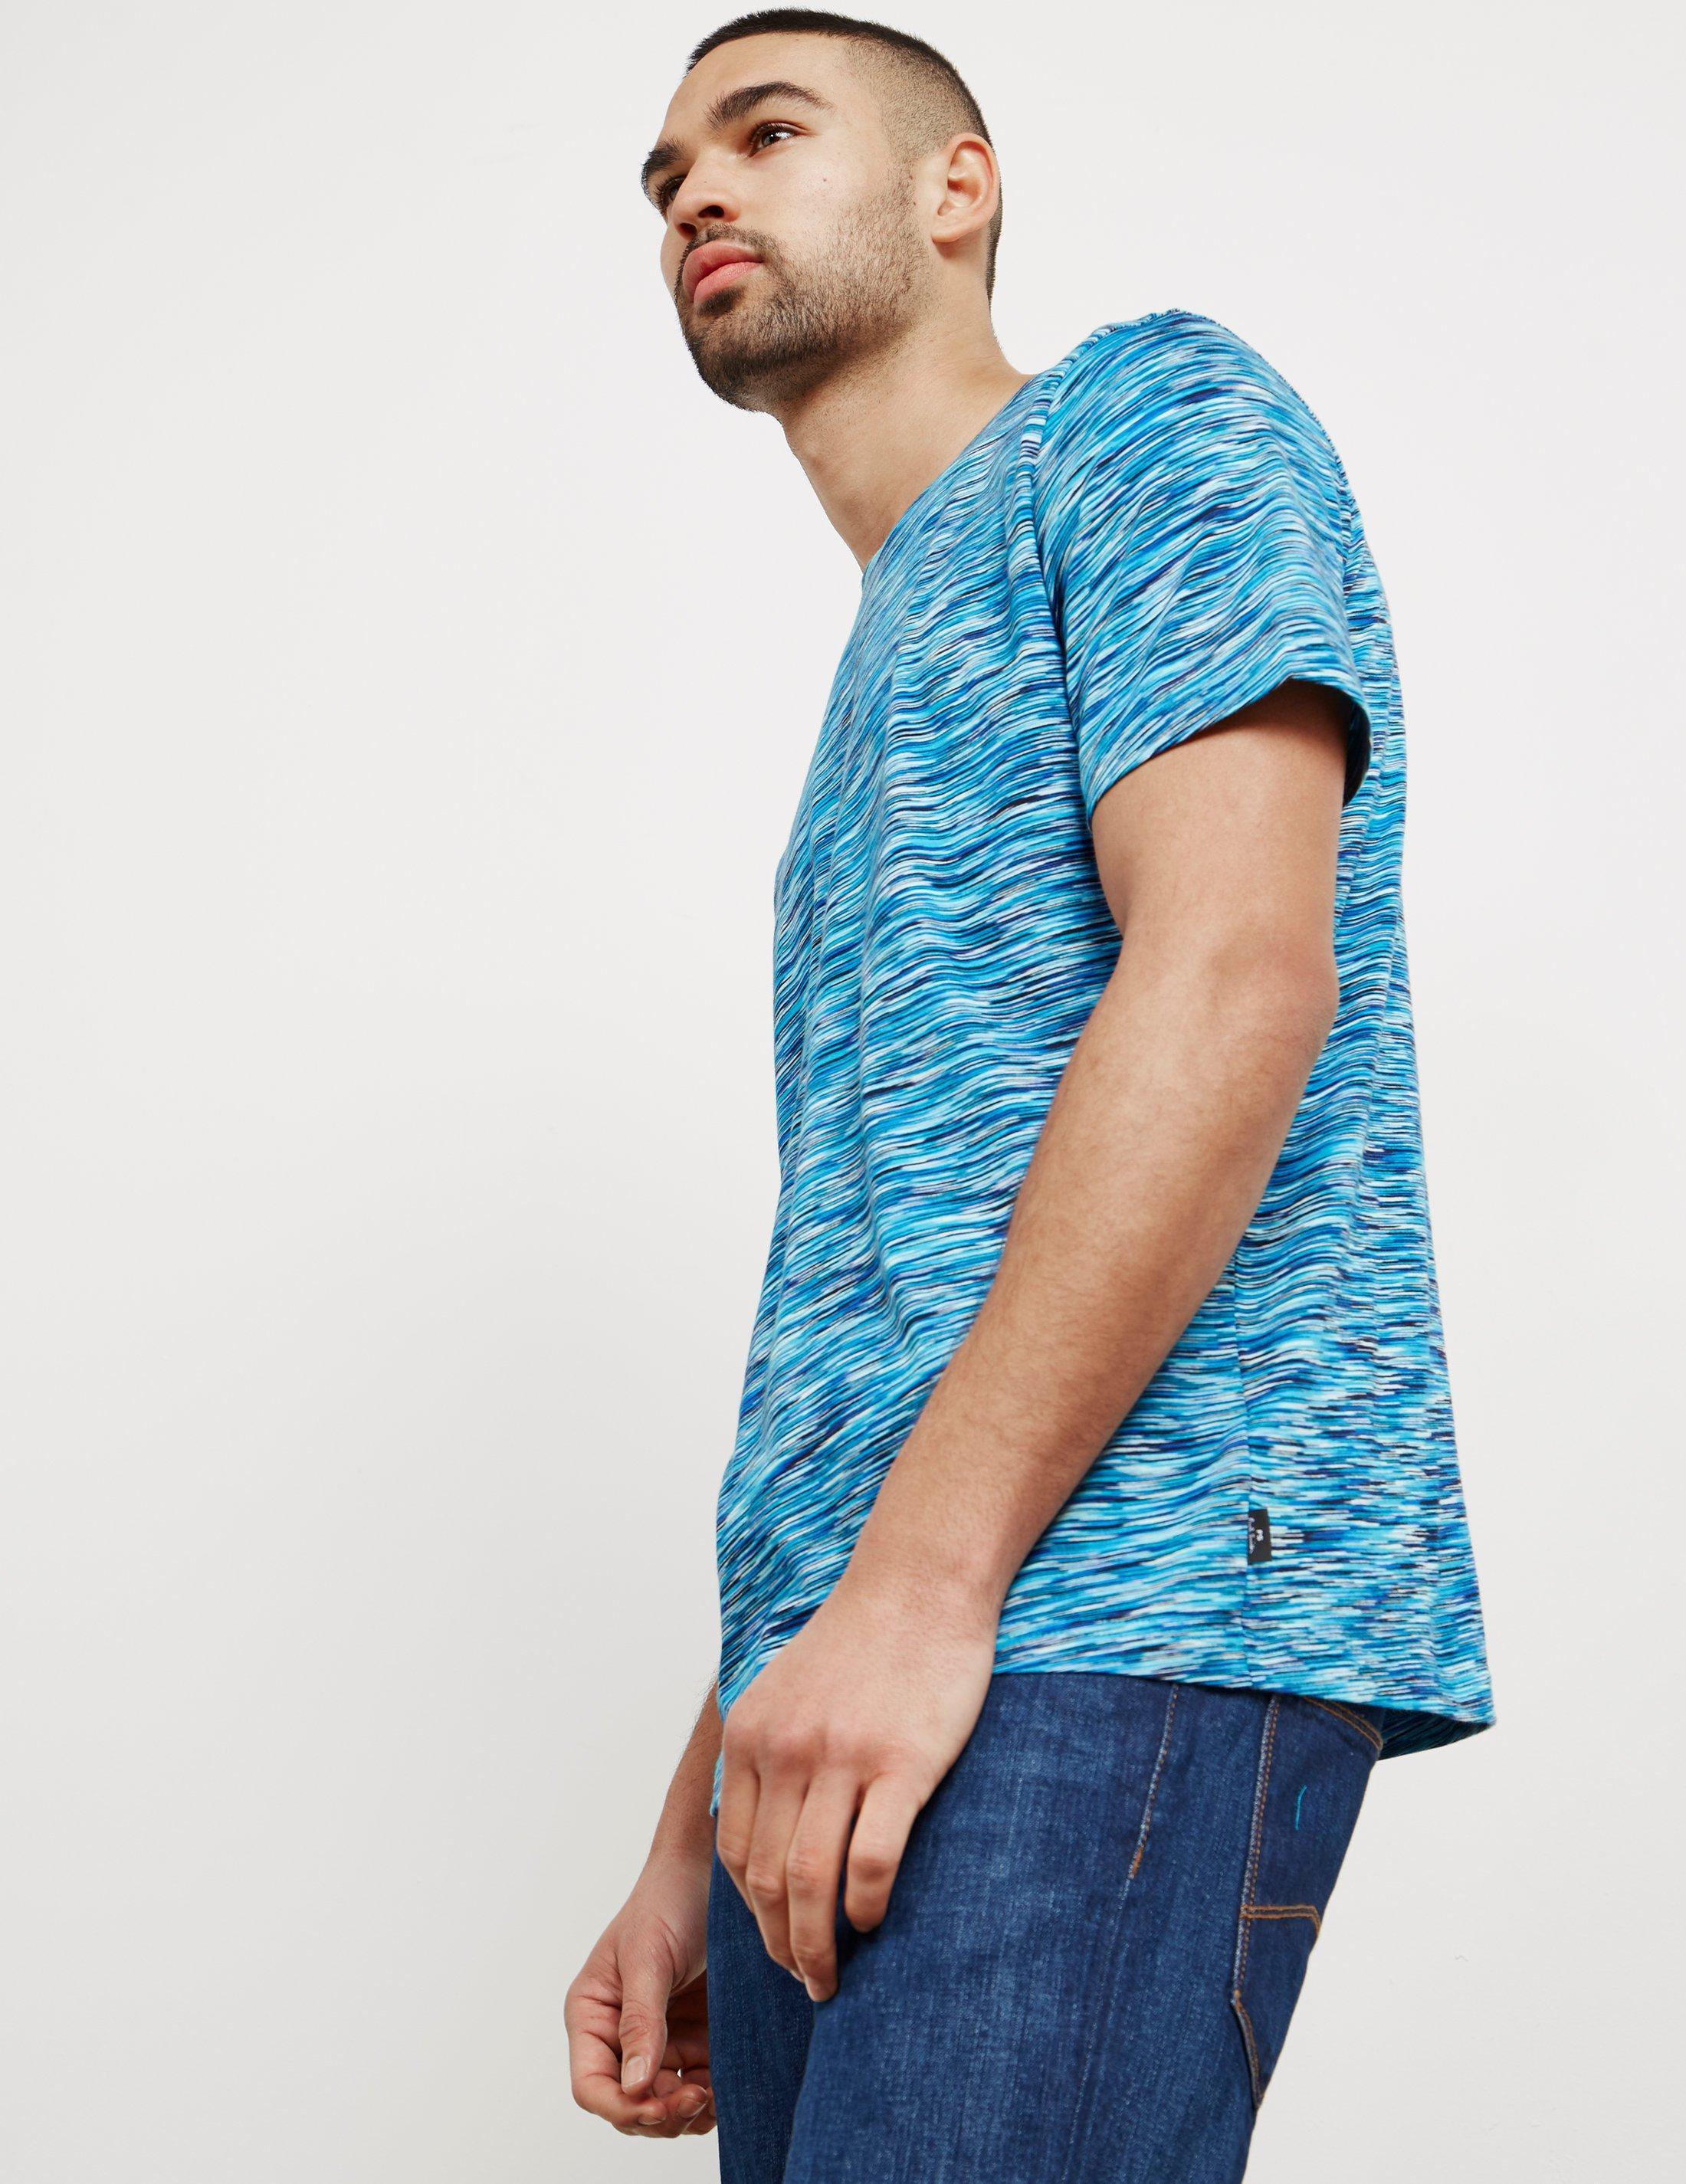 c98671aa77 PS by Paul Smith Dye Stripe Short Sleeve T-shirt Navy Blue in Blue ...